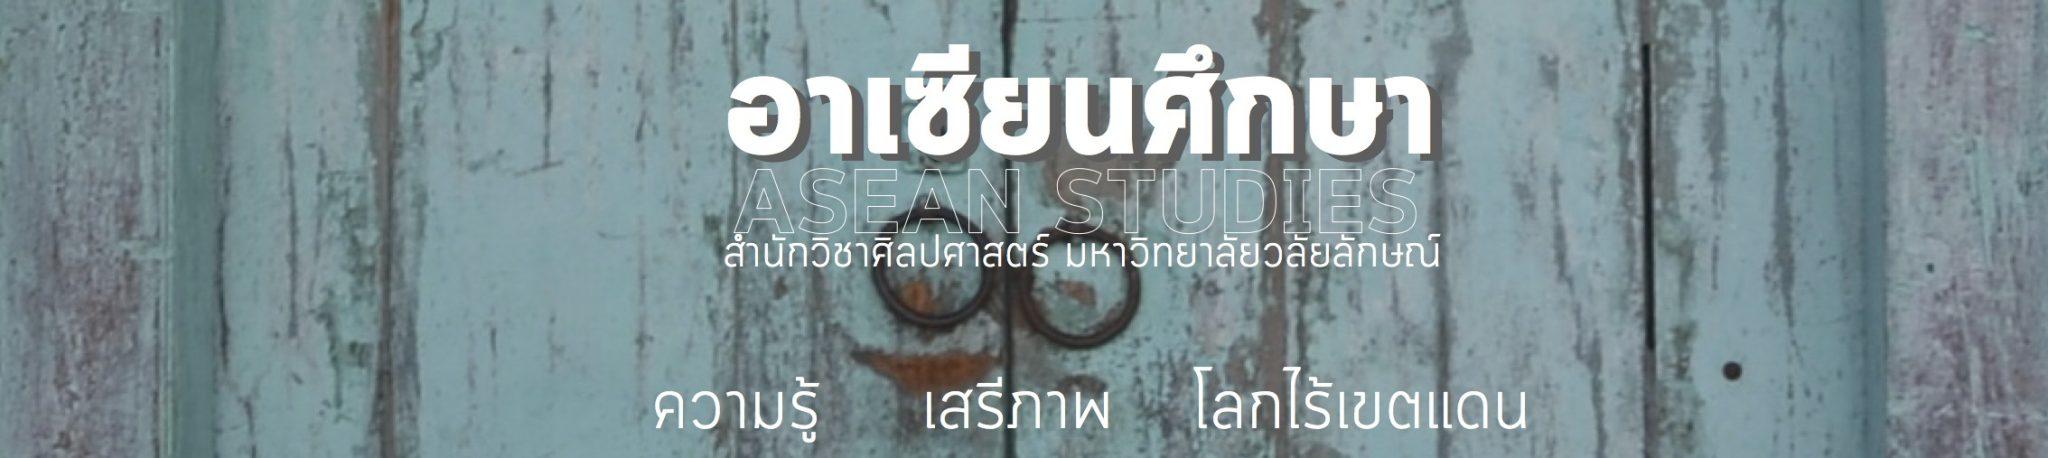 หลักสูตรอาเซียนศึกษา สำนักวิชาศิลปศาสตร์ มหาวิทยาลัยวลัยลักษณ์